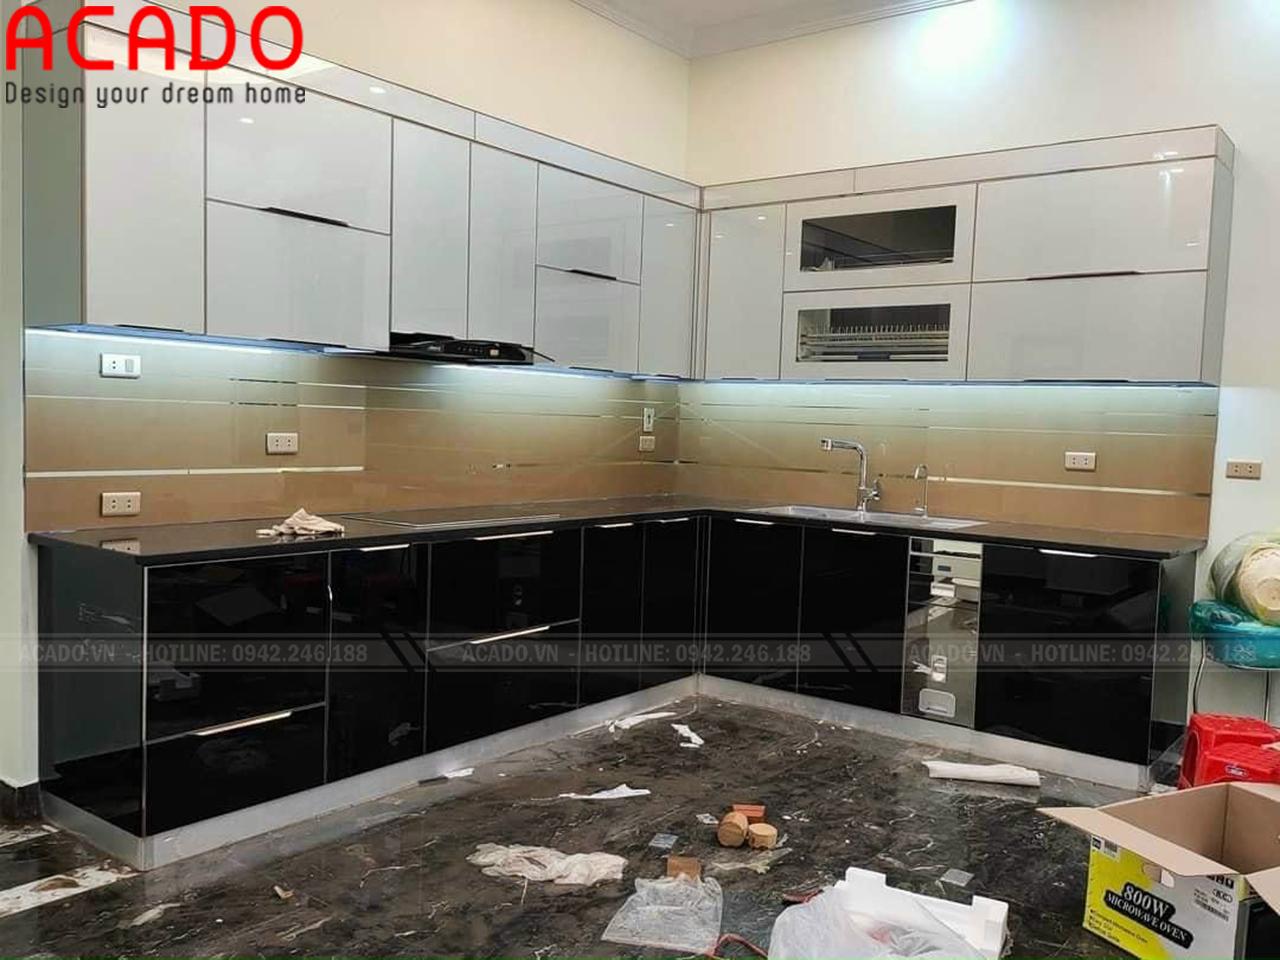 Công trình tủ bếp Inox cánh kính hoàn thiện - Mẫu tủ bếp inox cánh kính đẹp